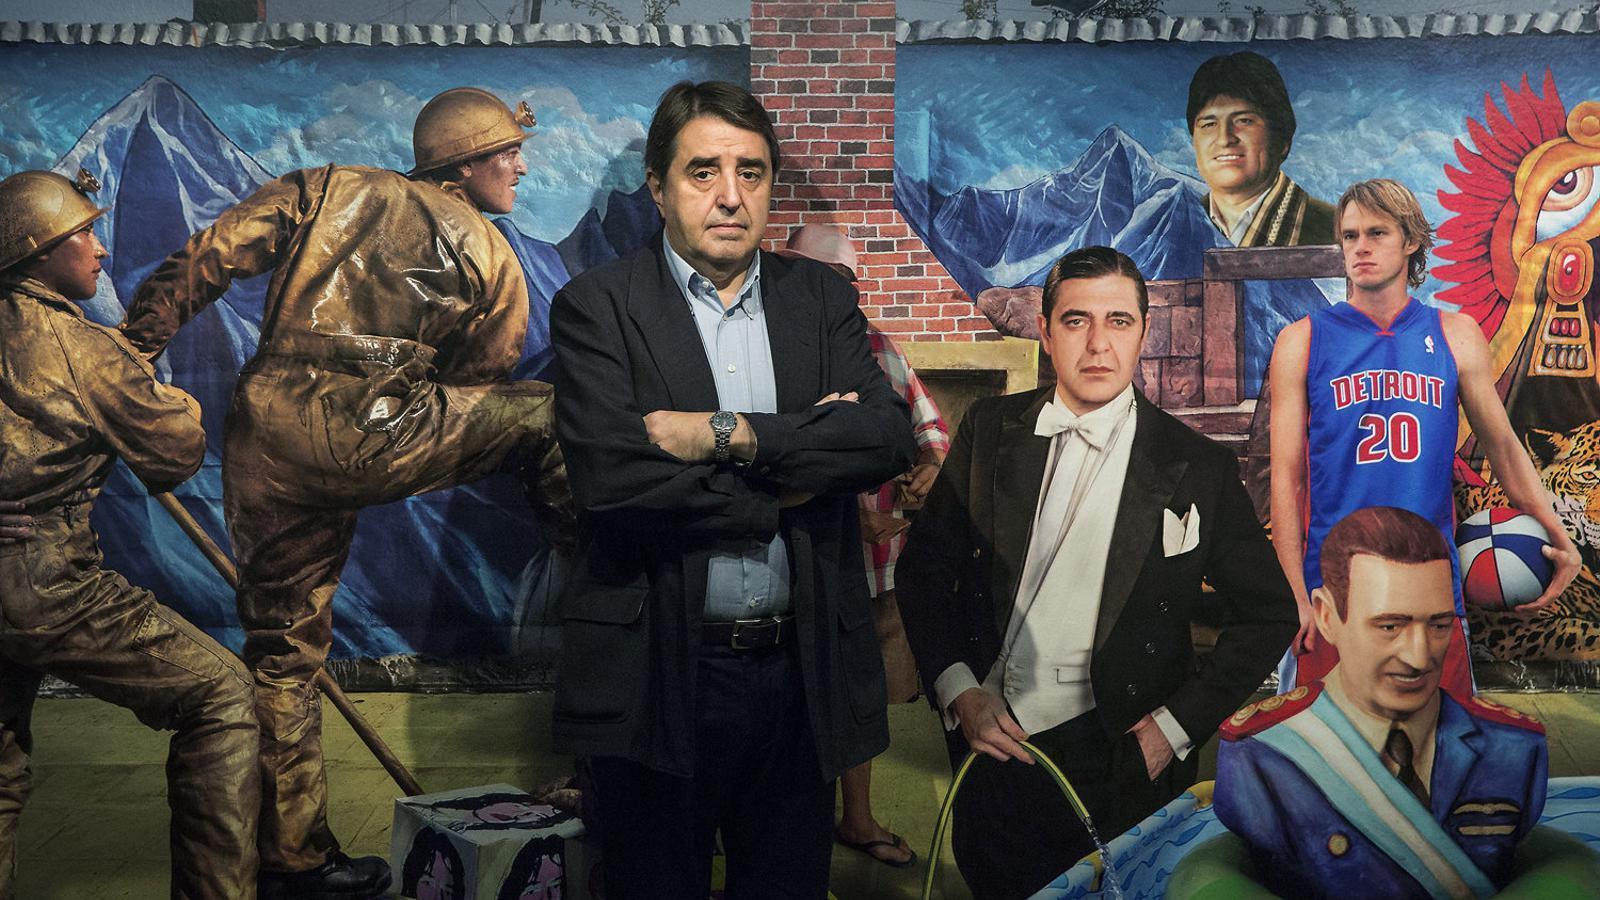 Traveria davant una obra del fotògraf i artista plàstic argentí Marcos López.